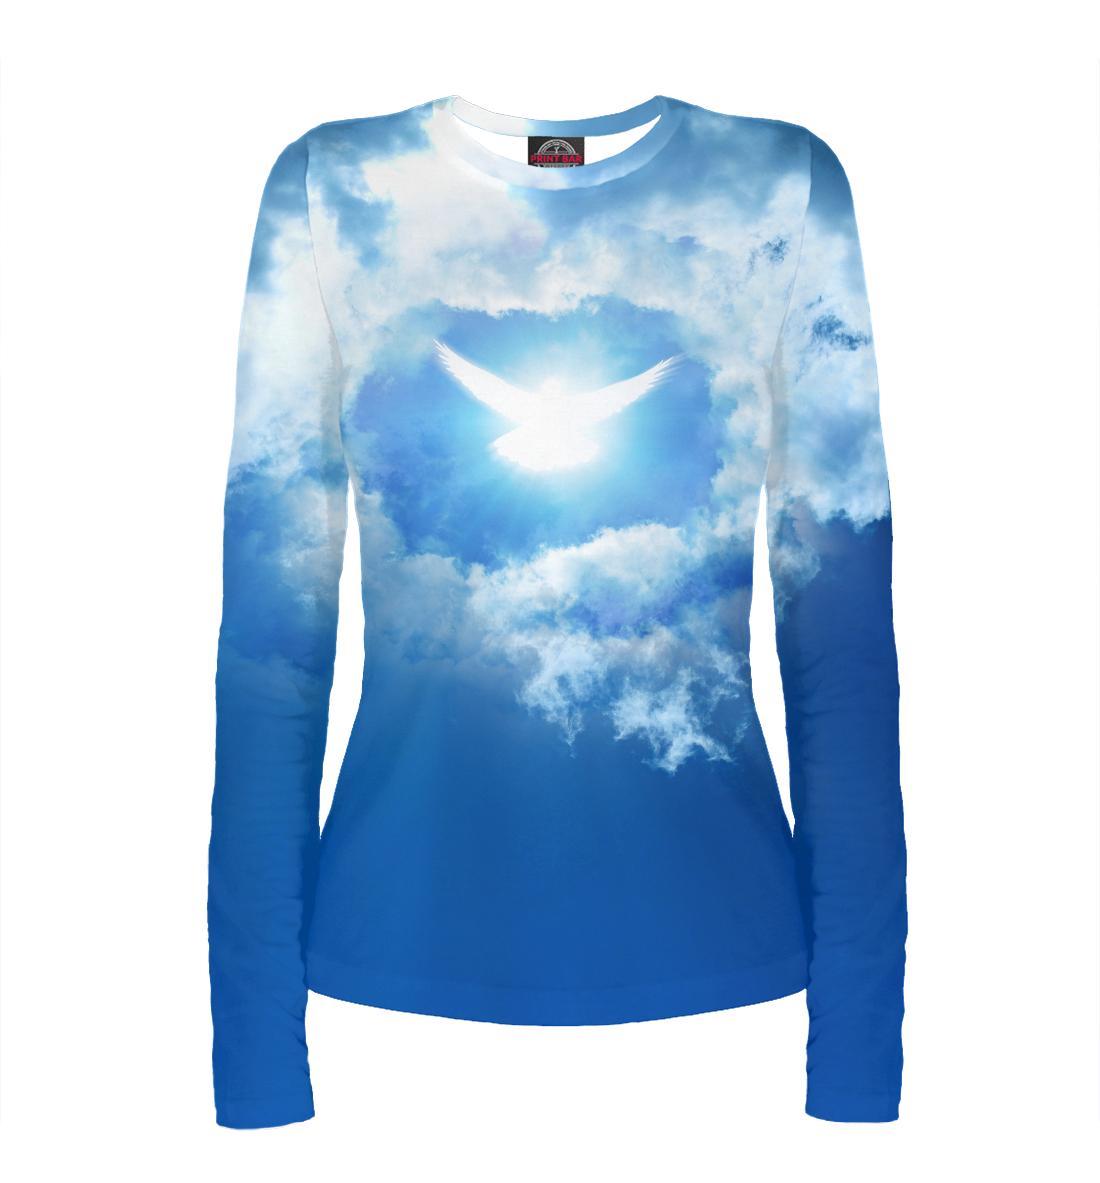 Фото - Голубь в небе огненный голубь